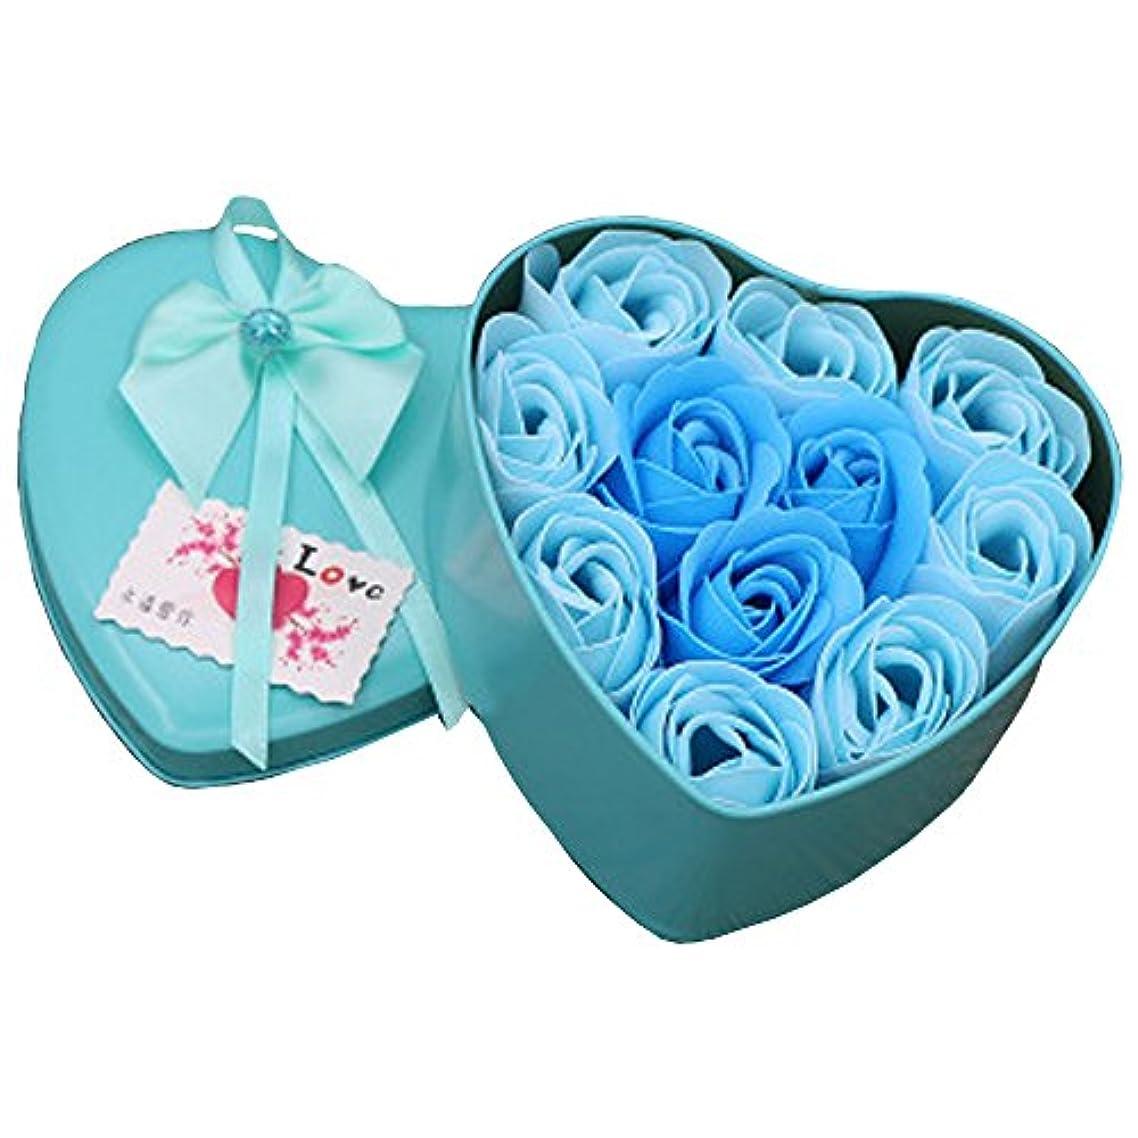 フラスコ伝統中央値iCoole ソープフラワー 石鹸花 ハードフラワー形状 ギフトボックス入り 母の日 バレンタインデー お誕生日 ギフト